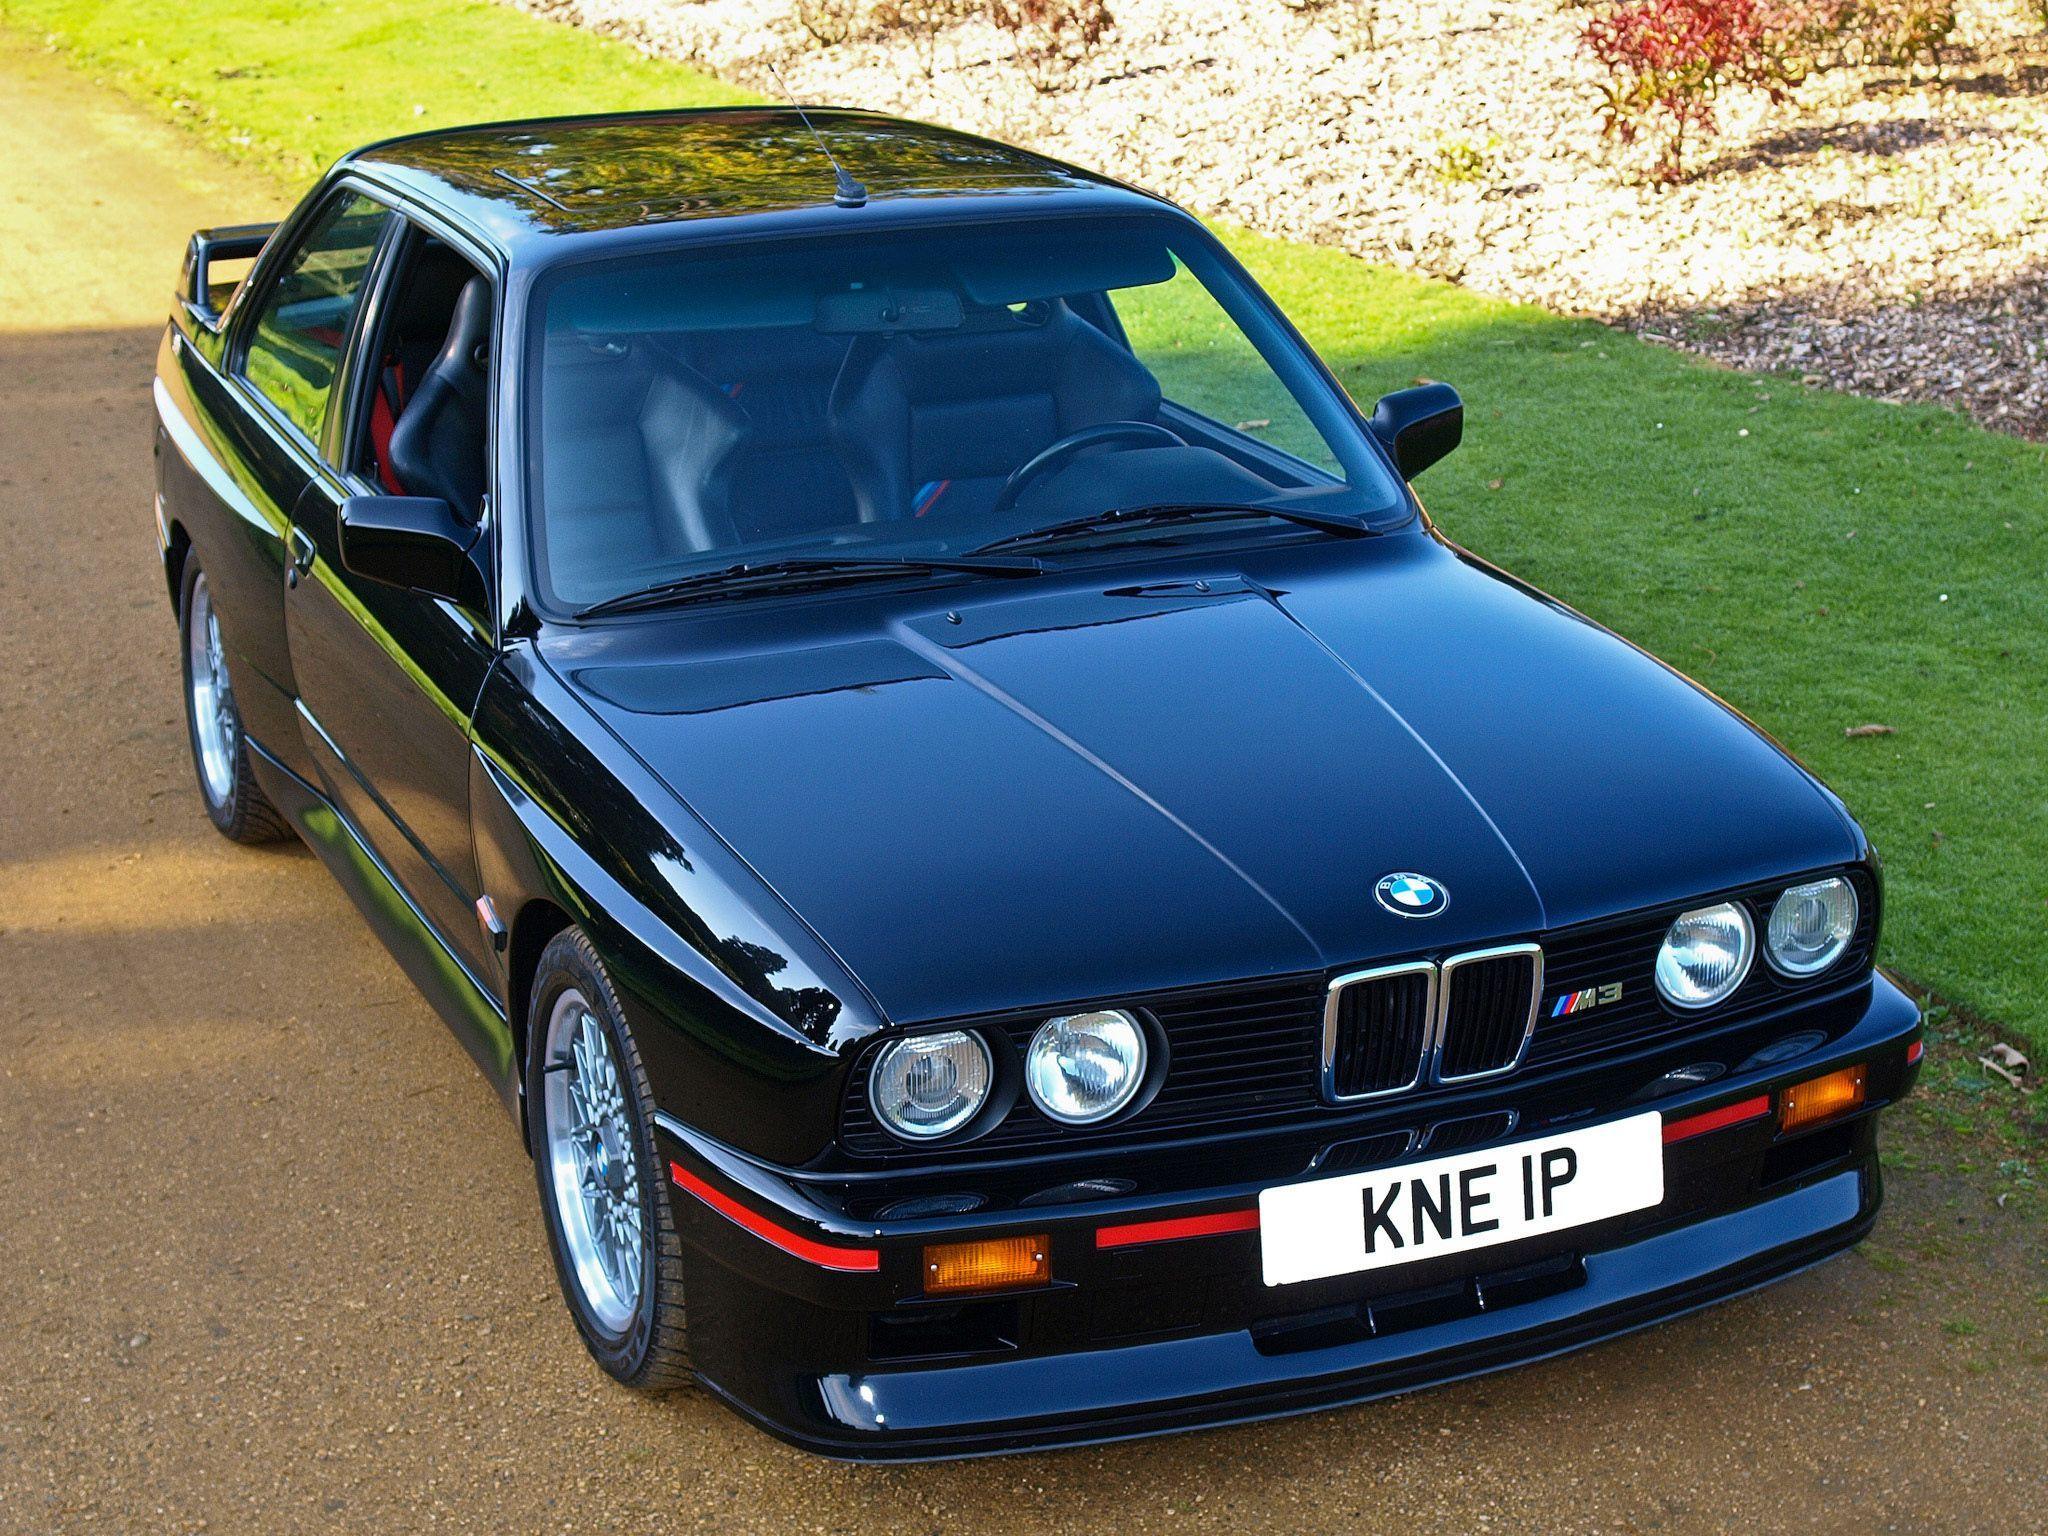 1990 Bmw E30 M3 Sport Evolution With Images Bmw E30 Bmw